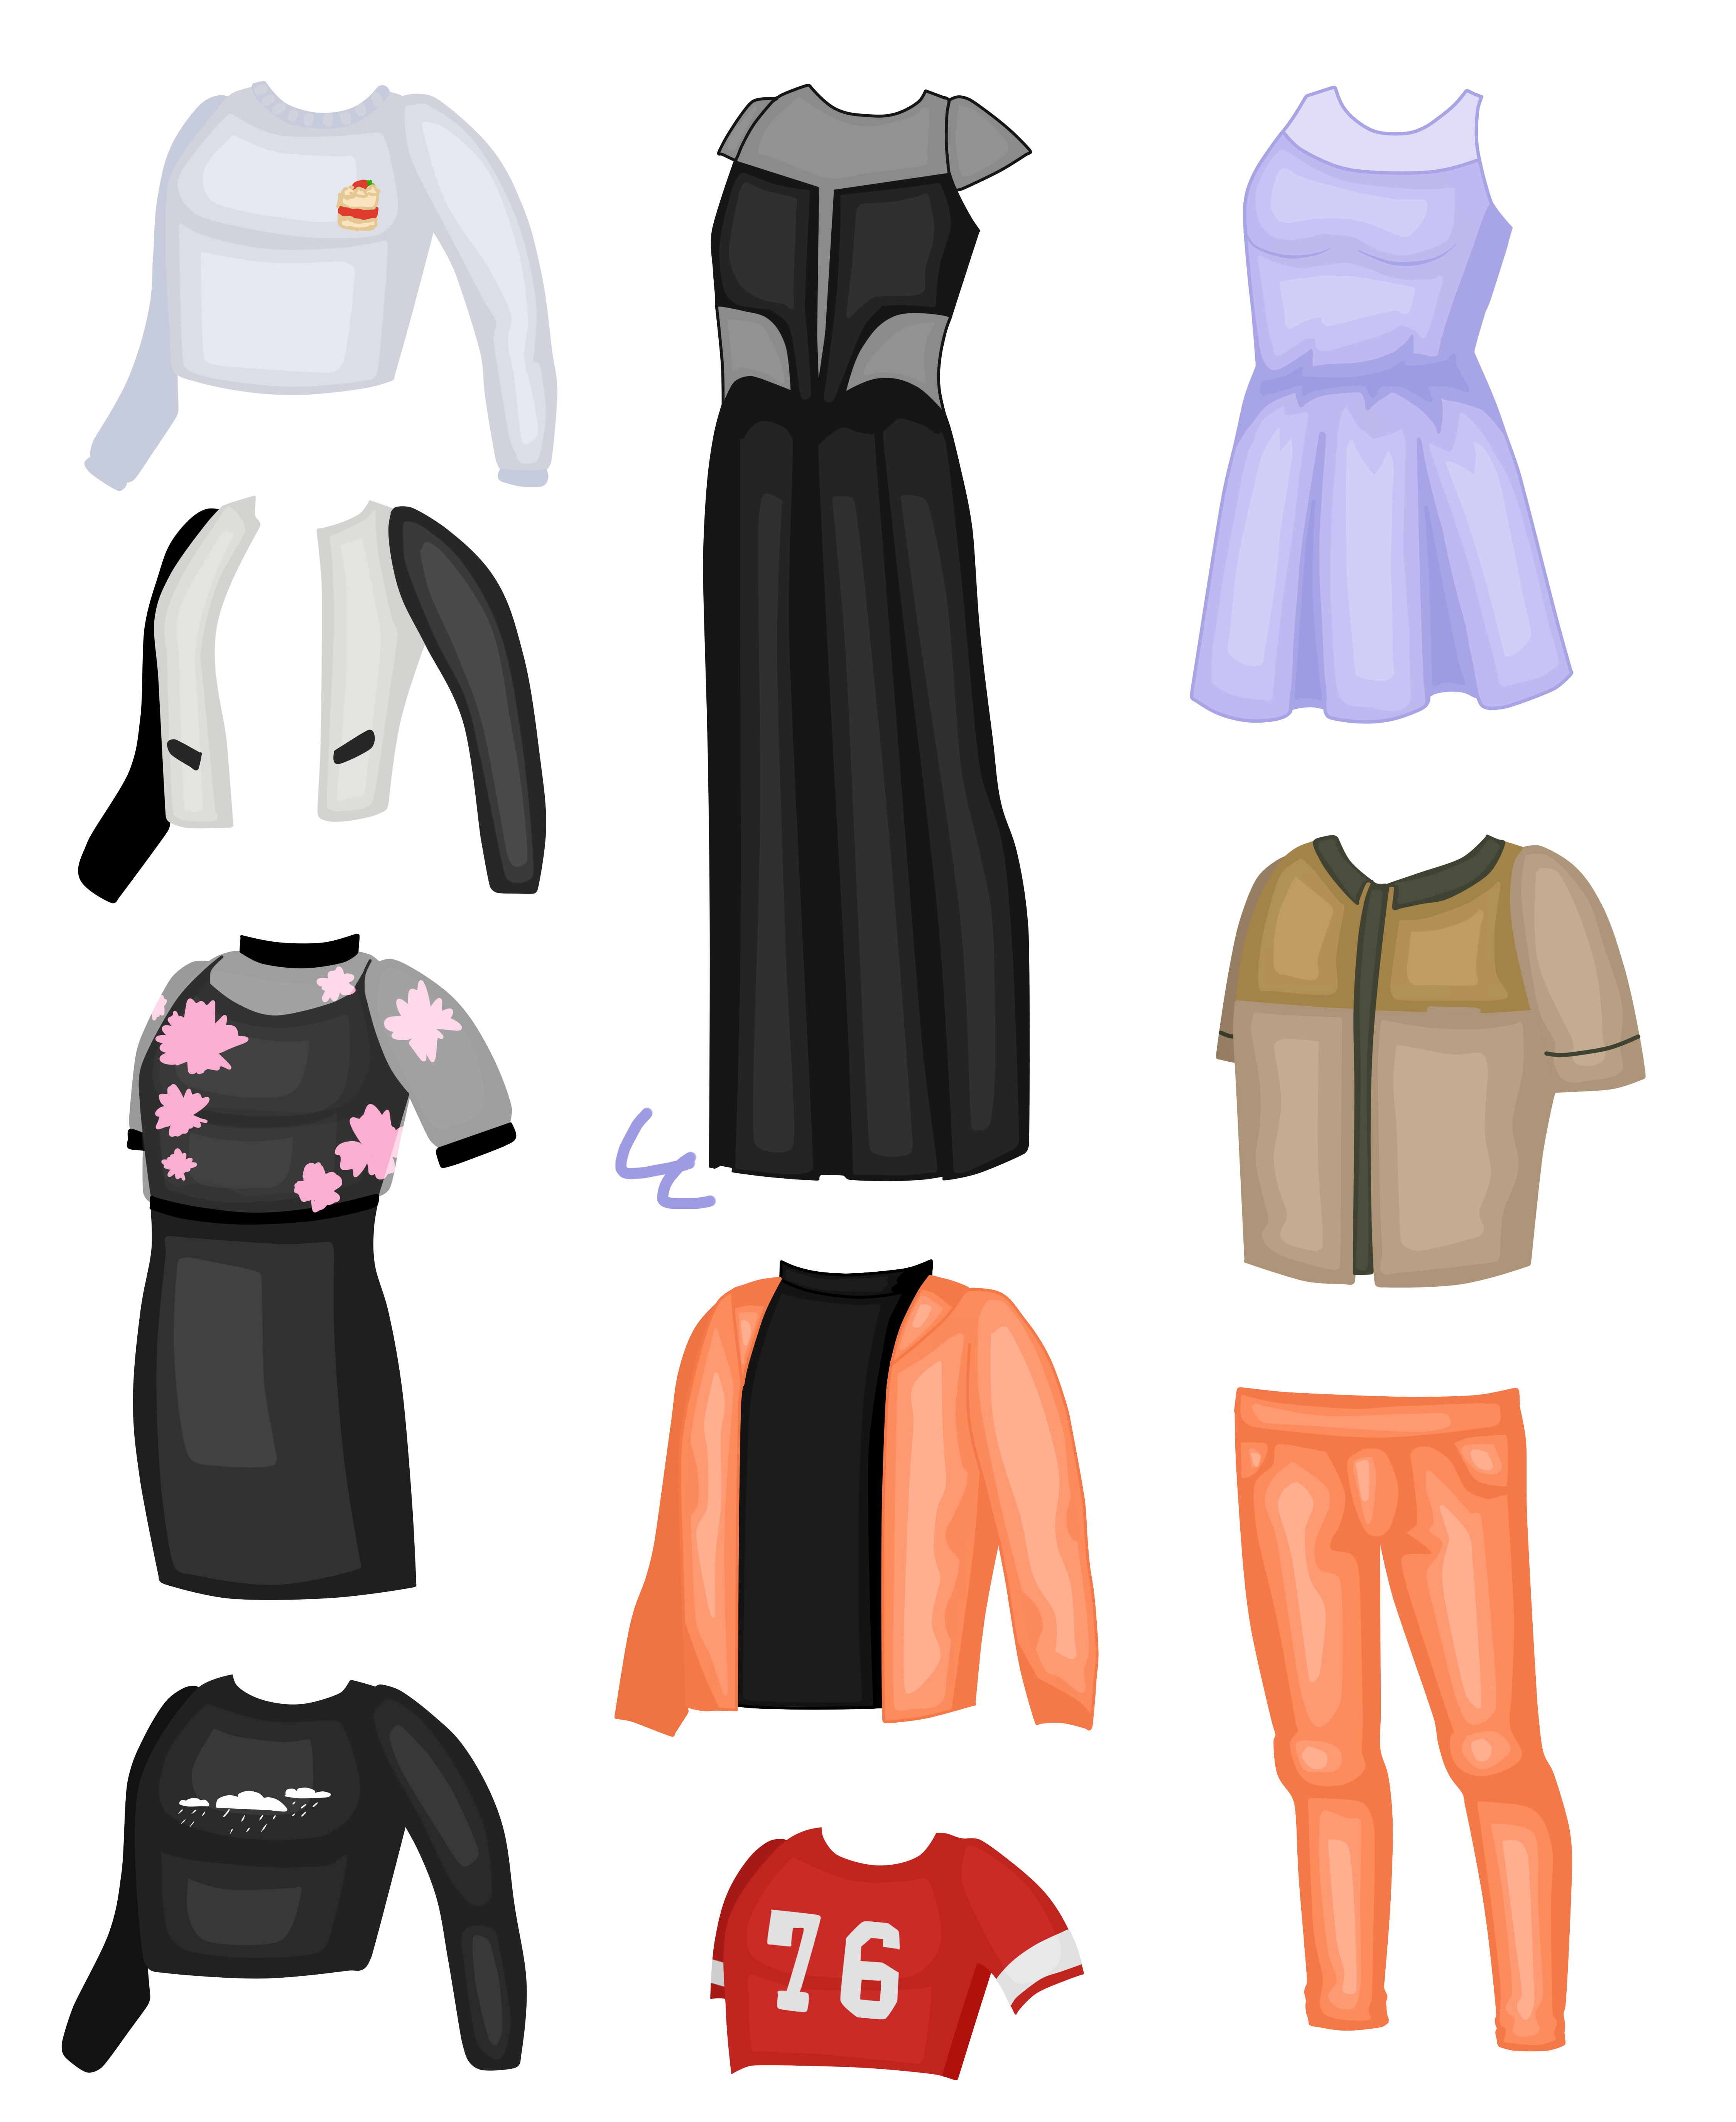 Самодельная одежда для аватарии в пнг